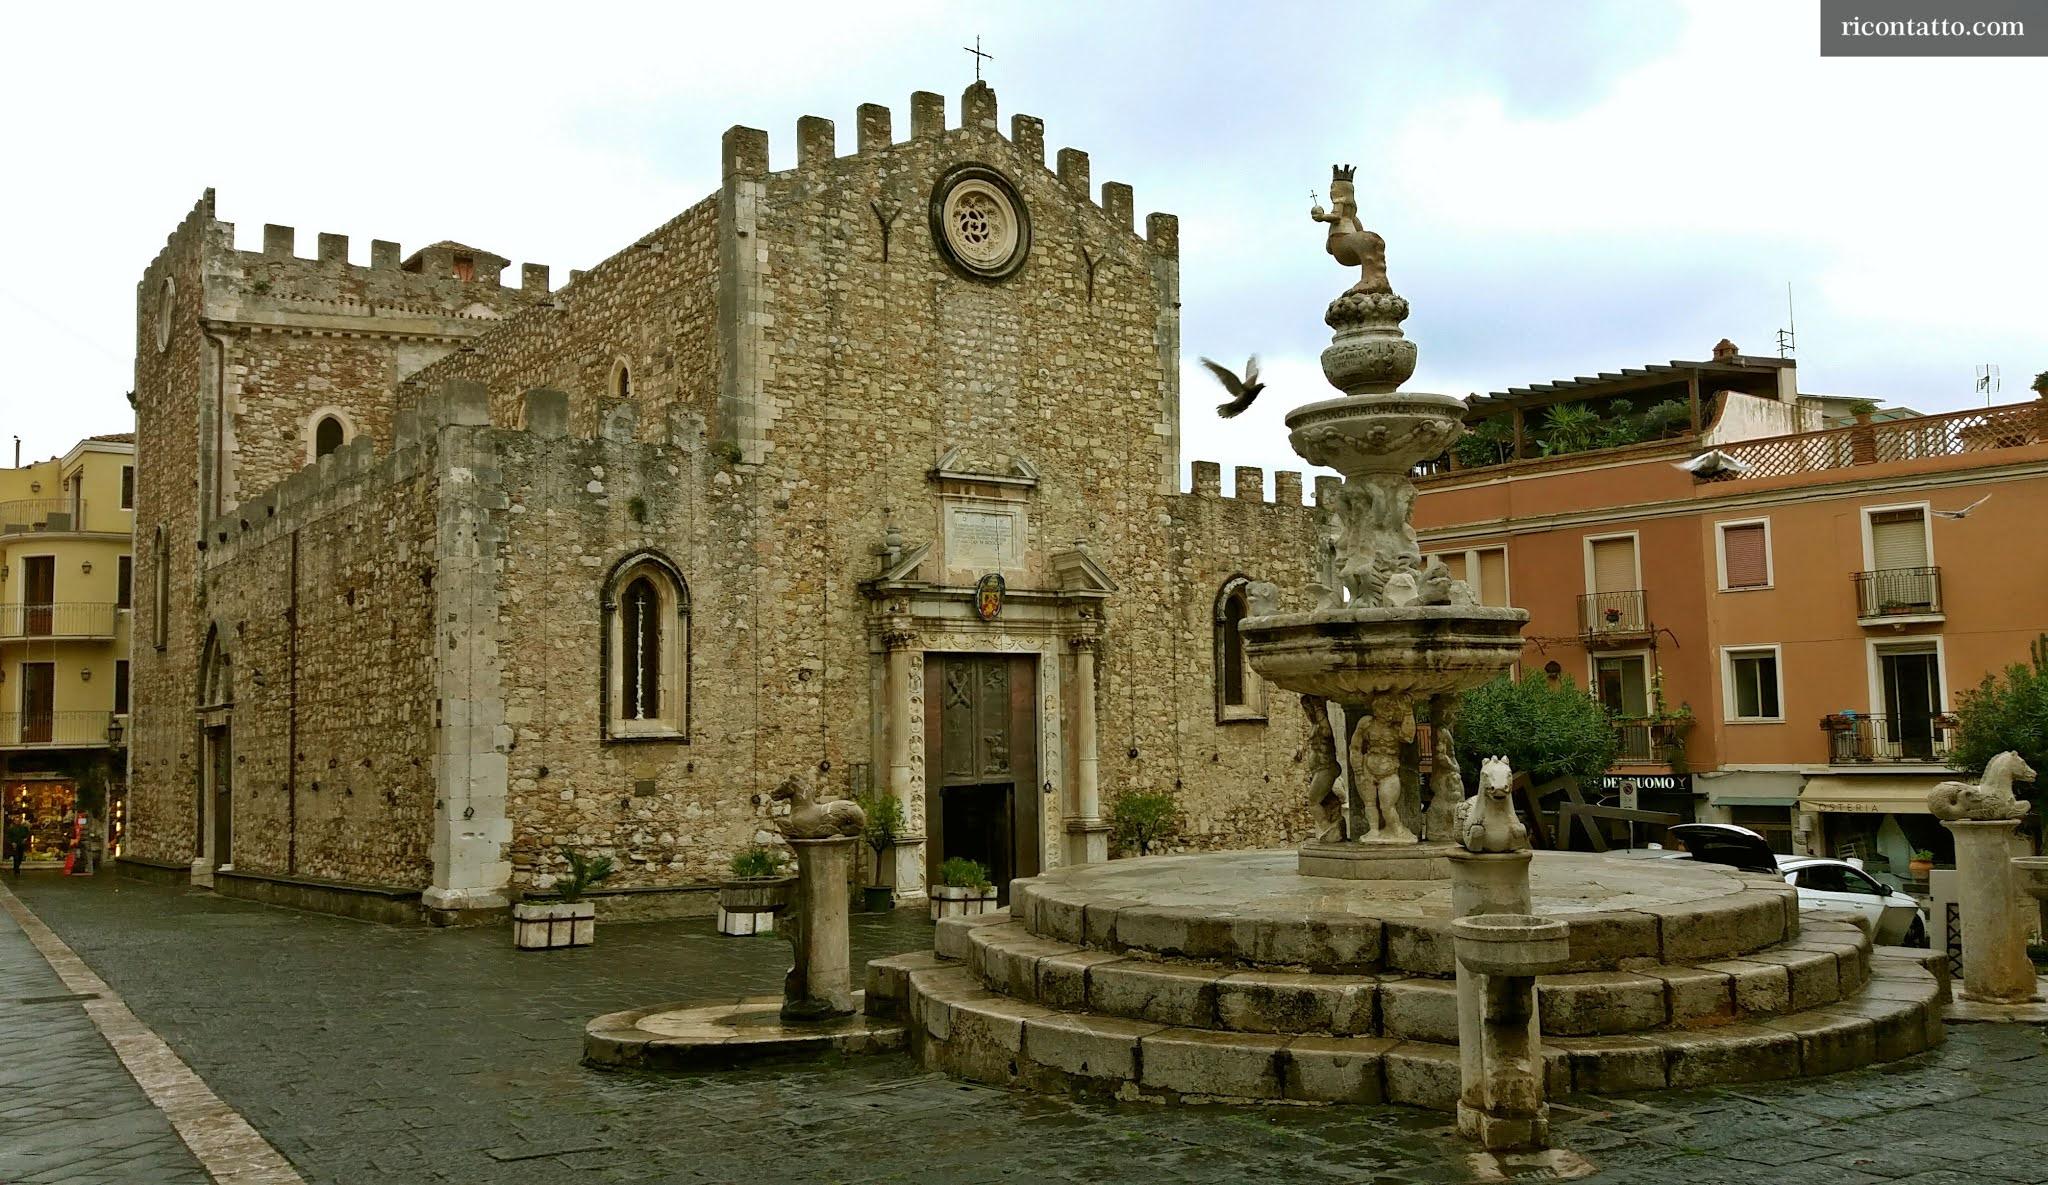 Taormina, Sicilia, Italy - Photo #02 by Ricontatto.com